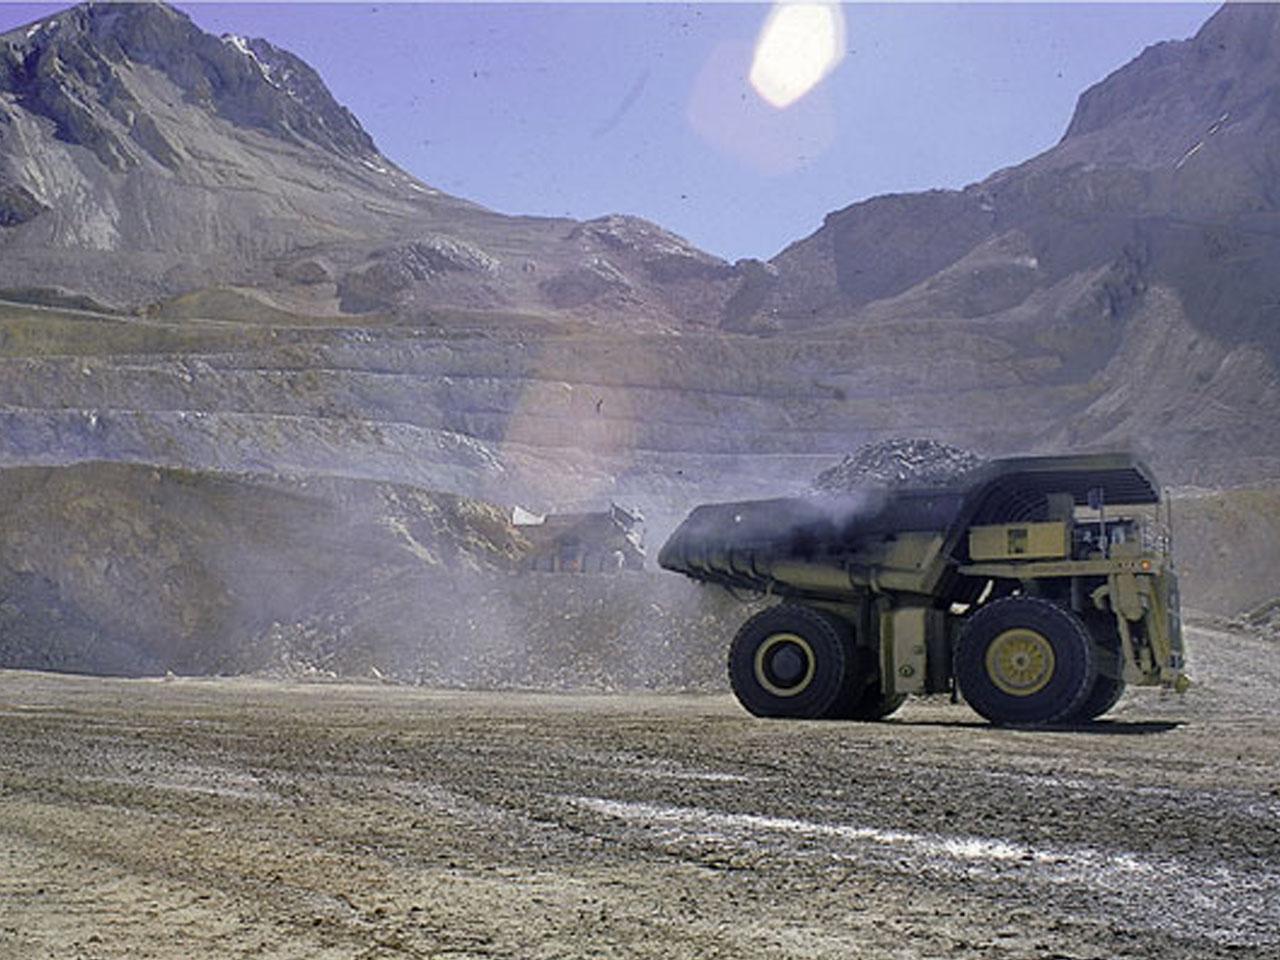 Royalty a minería privada anotó su nivel más bajo desde promulgación de ley